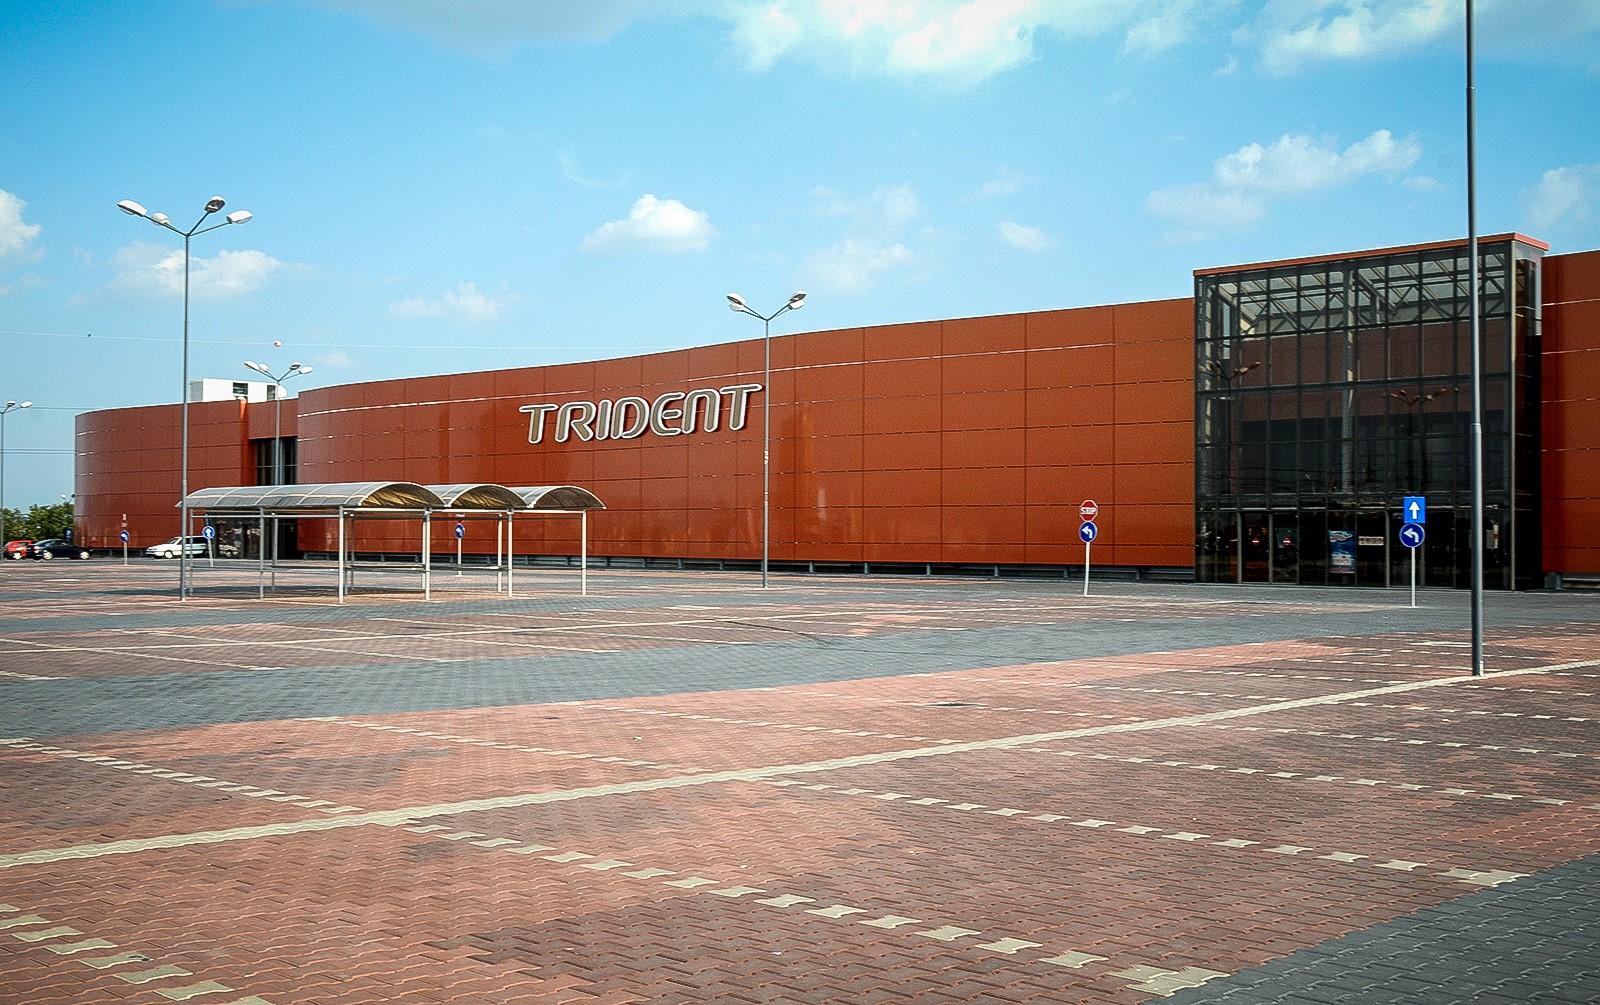 Actualizare | Centrul comercial Trident a fost vândut cu 5,5 milioane de euro. Din aprilie poate fi închiriat